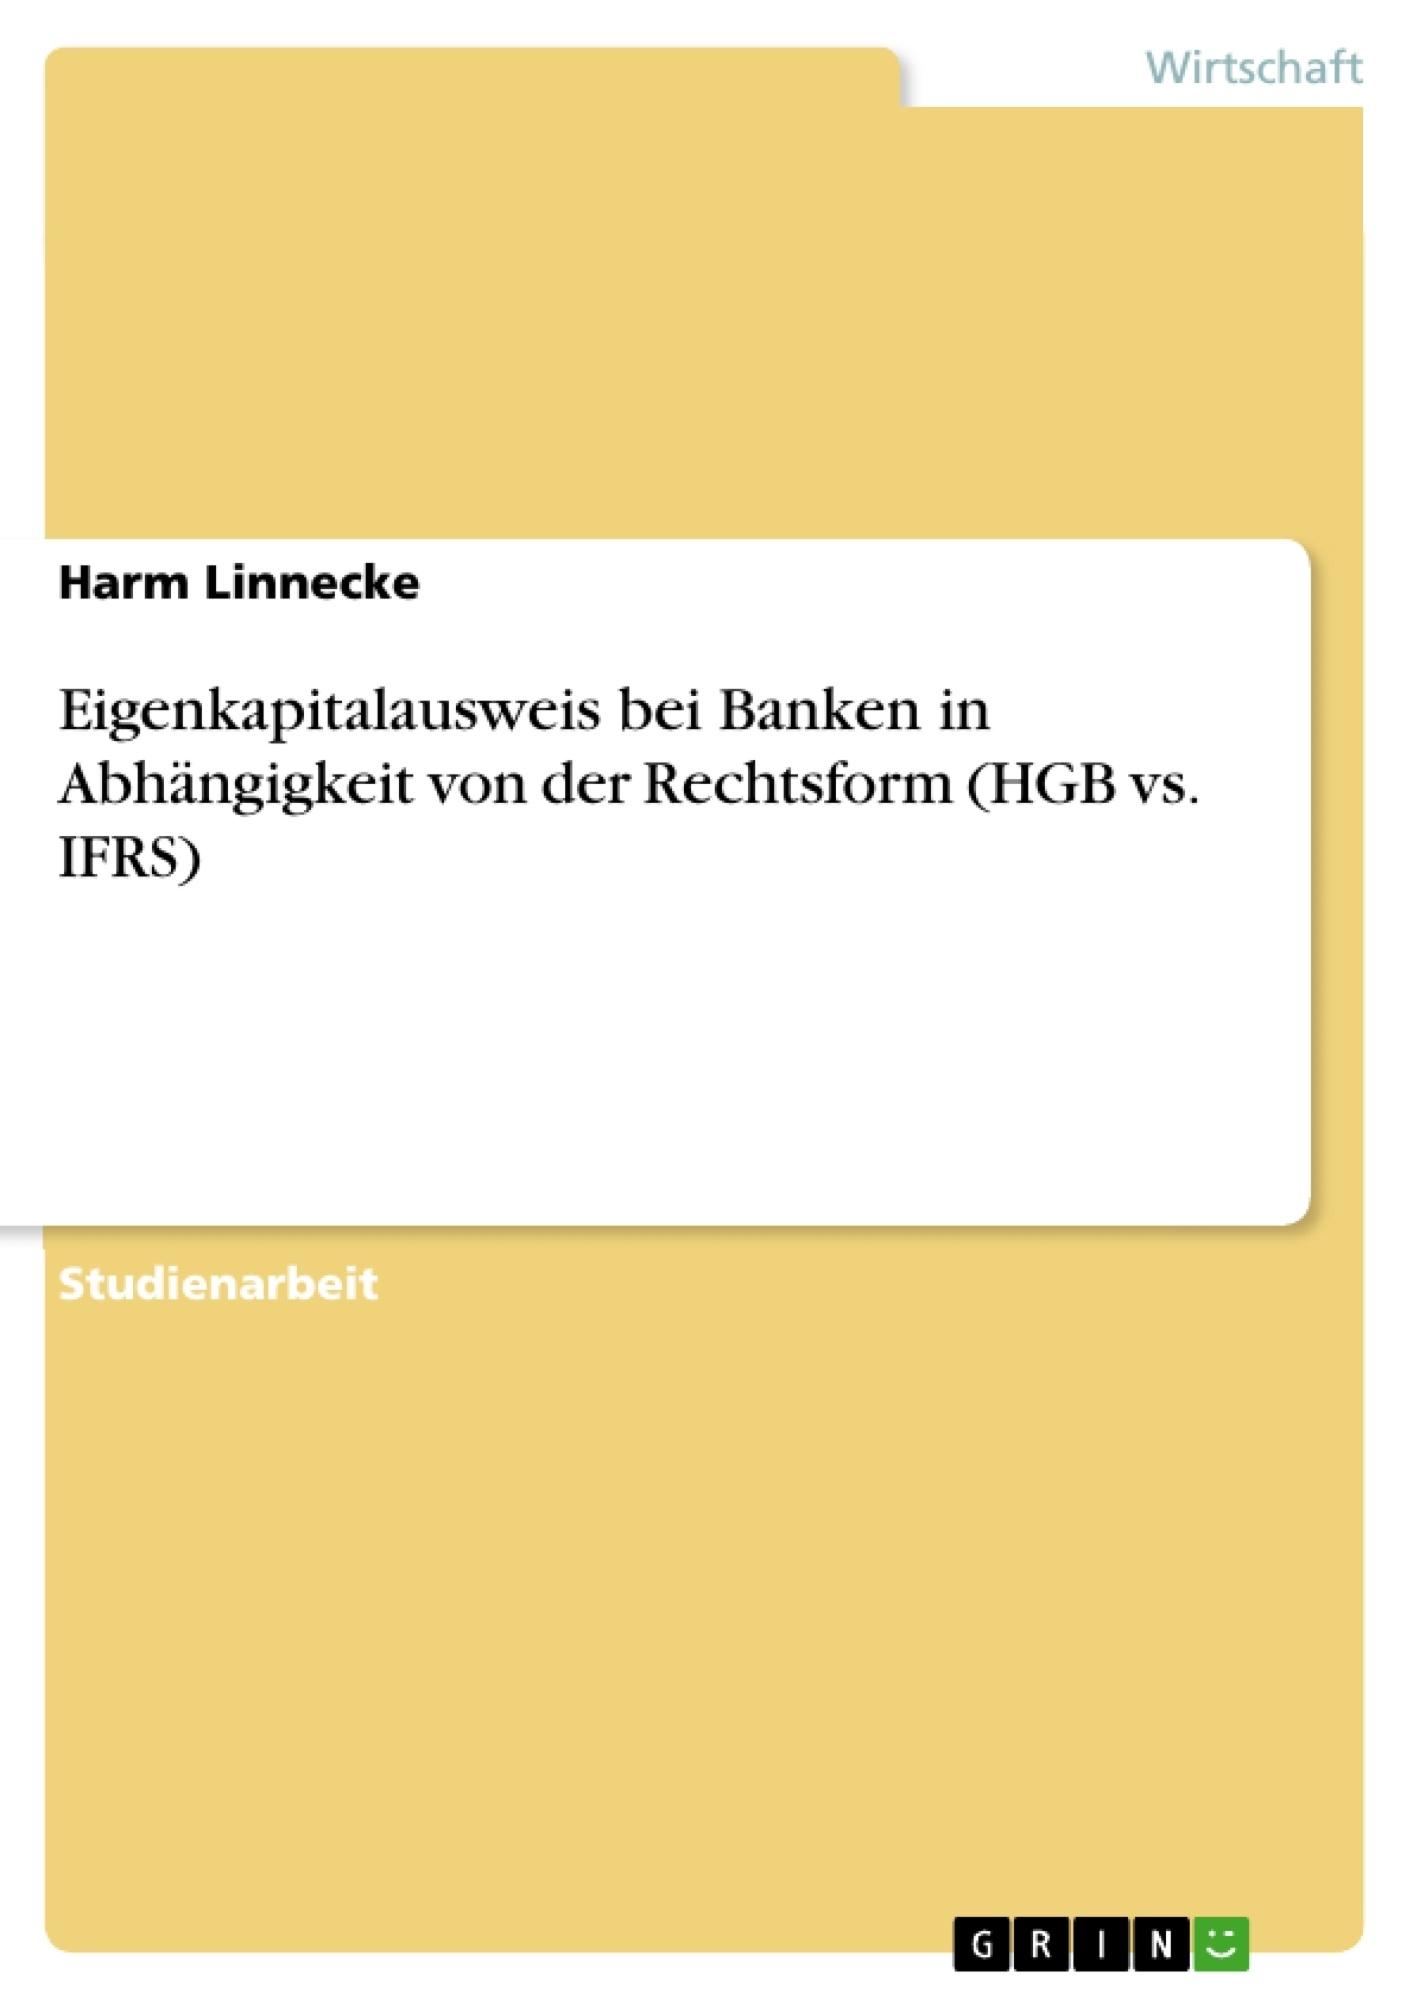 Titel: Eigenkapitalausweis bei Banken in Abhängigkeit von der Rechtsform (HGB vs. IFRS)